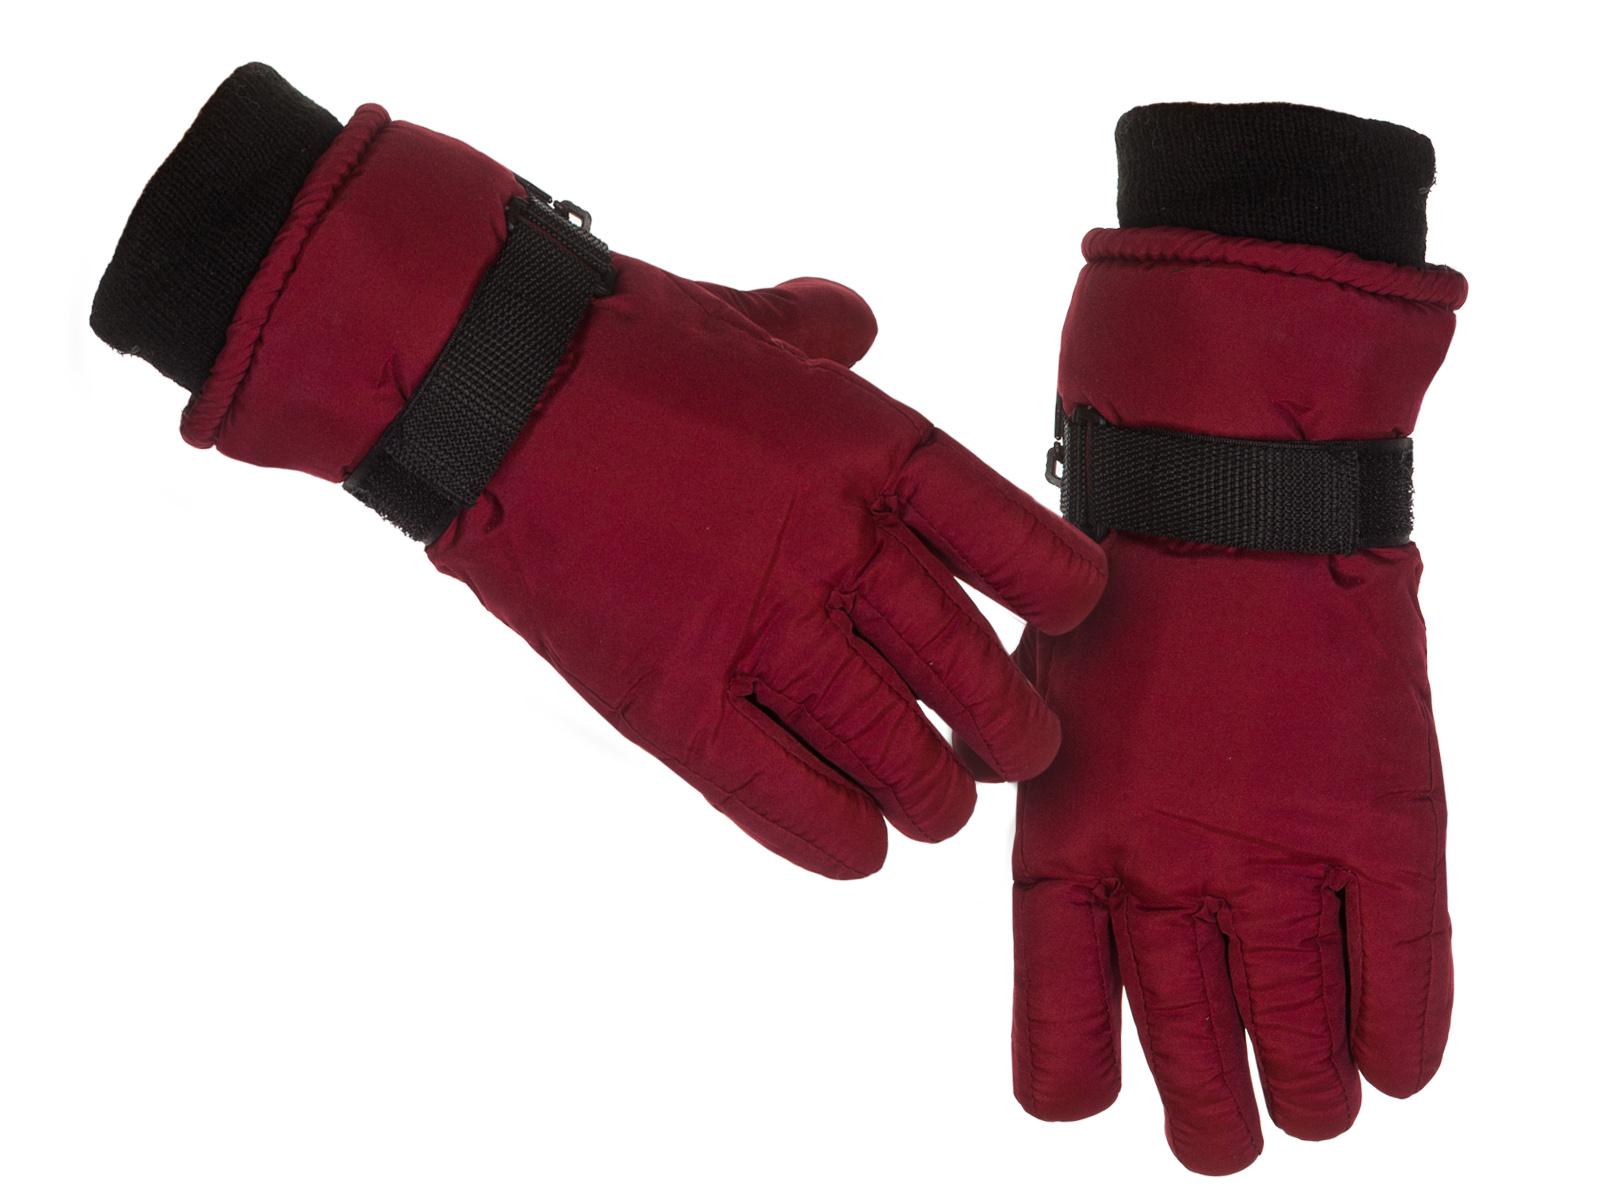 Зимние бордовые перчатки Thinsulate™ по лучшей цене